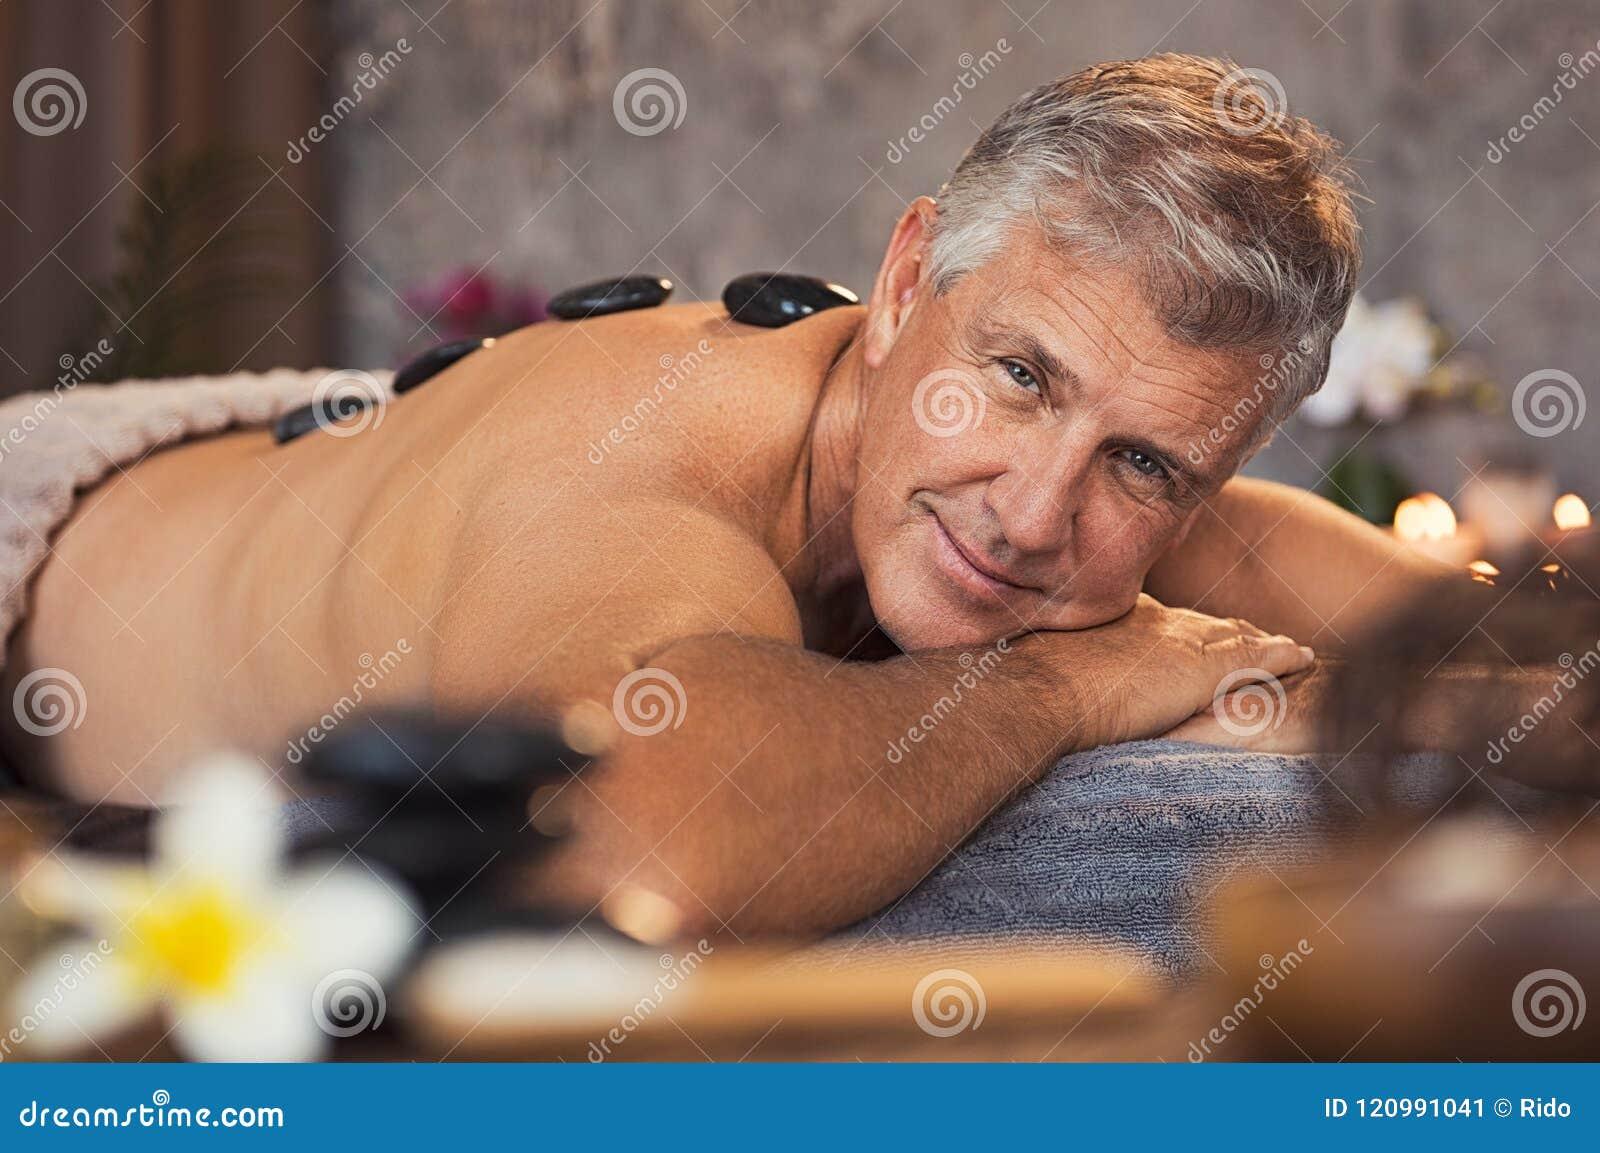 Teen nude nasty girl